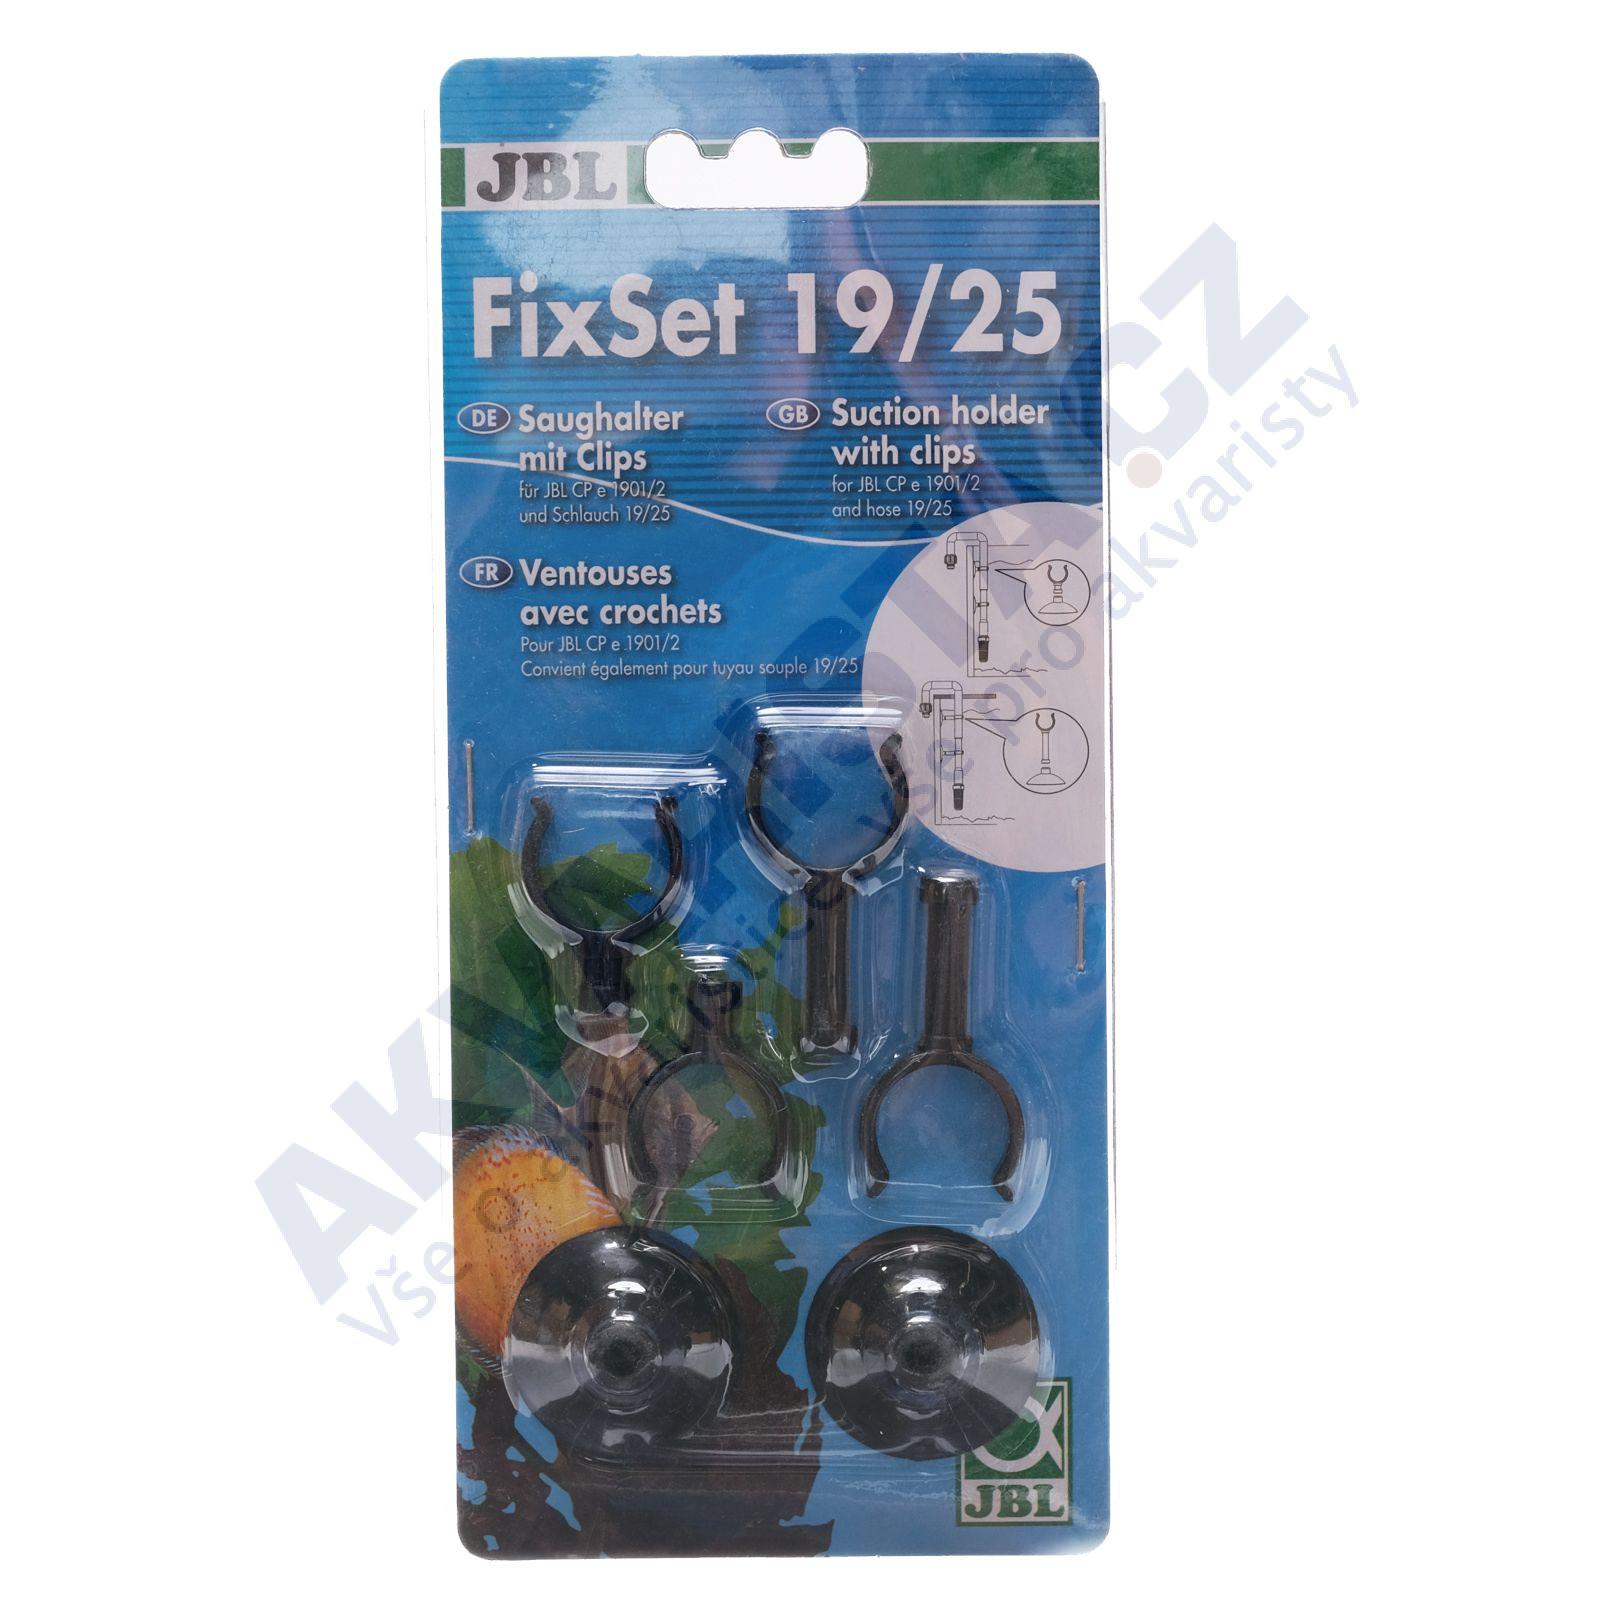 JBL Fix set 19/25 (CPe 1600/1,2)